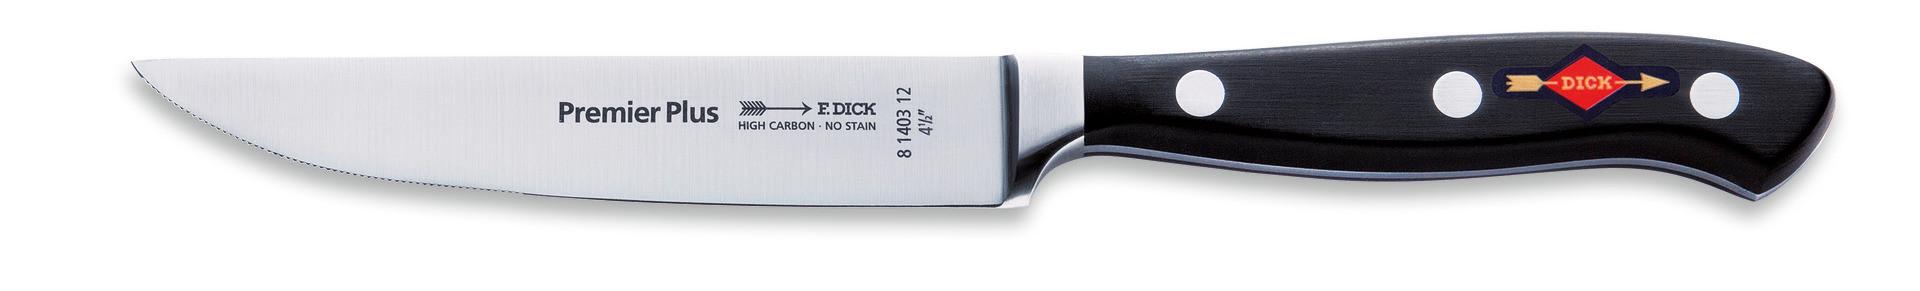 Premier Plus, Steakmesser Klingenlänge 120 mm Wellenschliff geschmiedet